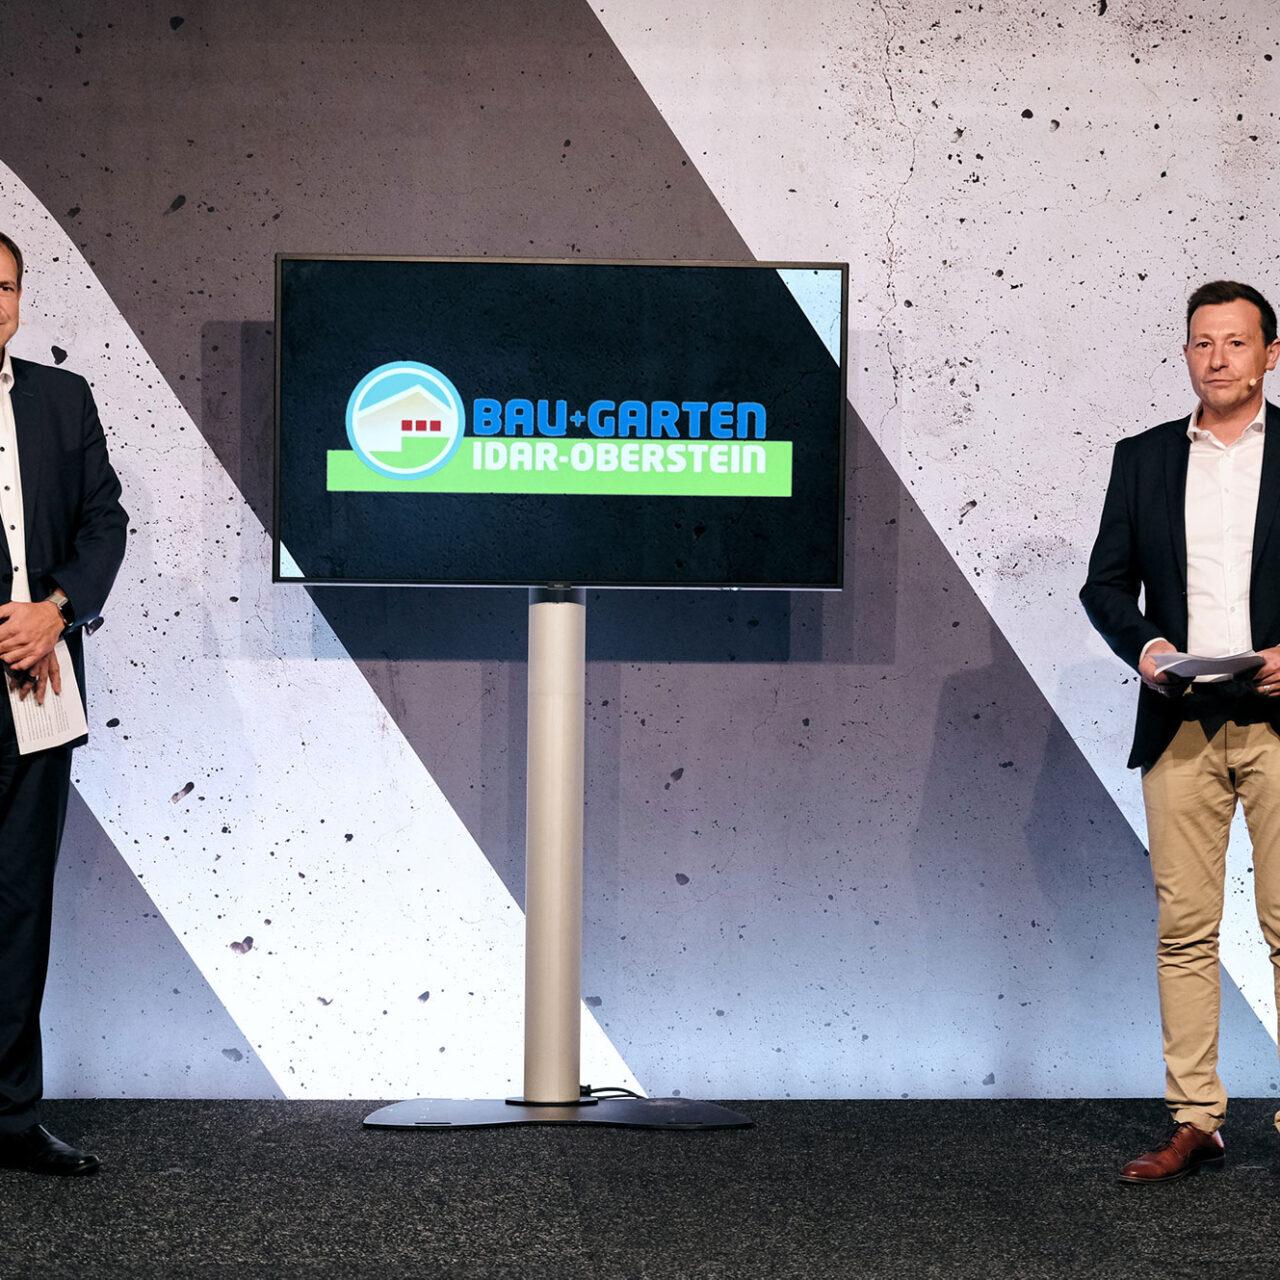 BAU+Garten Digital 2021 - Foto © Vincent Dommer 36: Oberbürgermeister Frank Frühauf (links) Und Messechef Mirko Arend (rechts) Eröffnen Die BAU + Garten 2021 Digital.